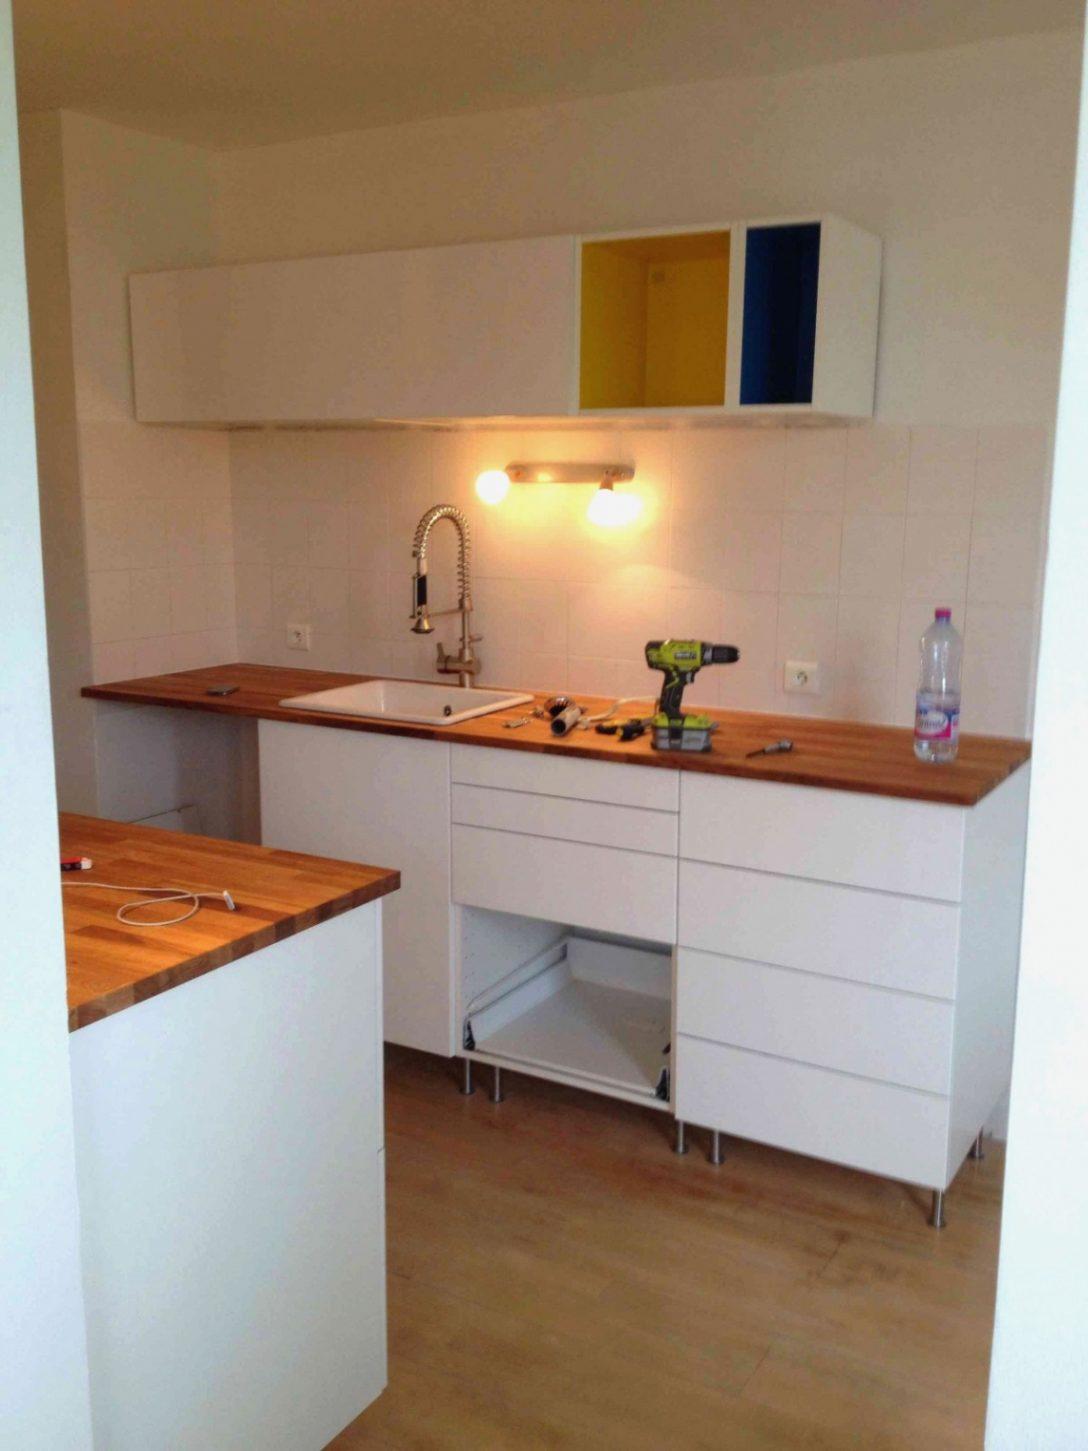 Large Size of Ikea Küche Faktum Line   Passen Metod Fronten Auf Faktum Küche Hochschrank Küche